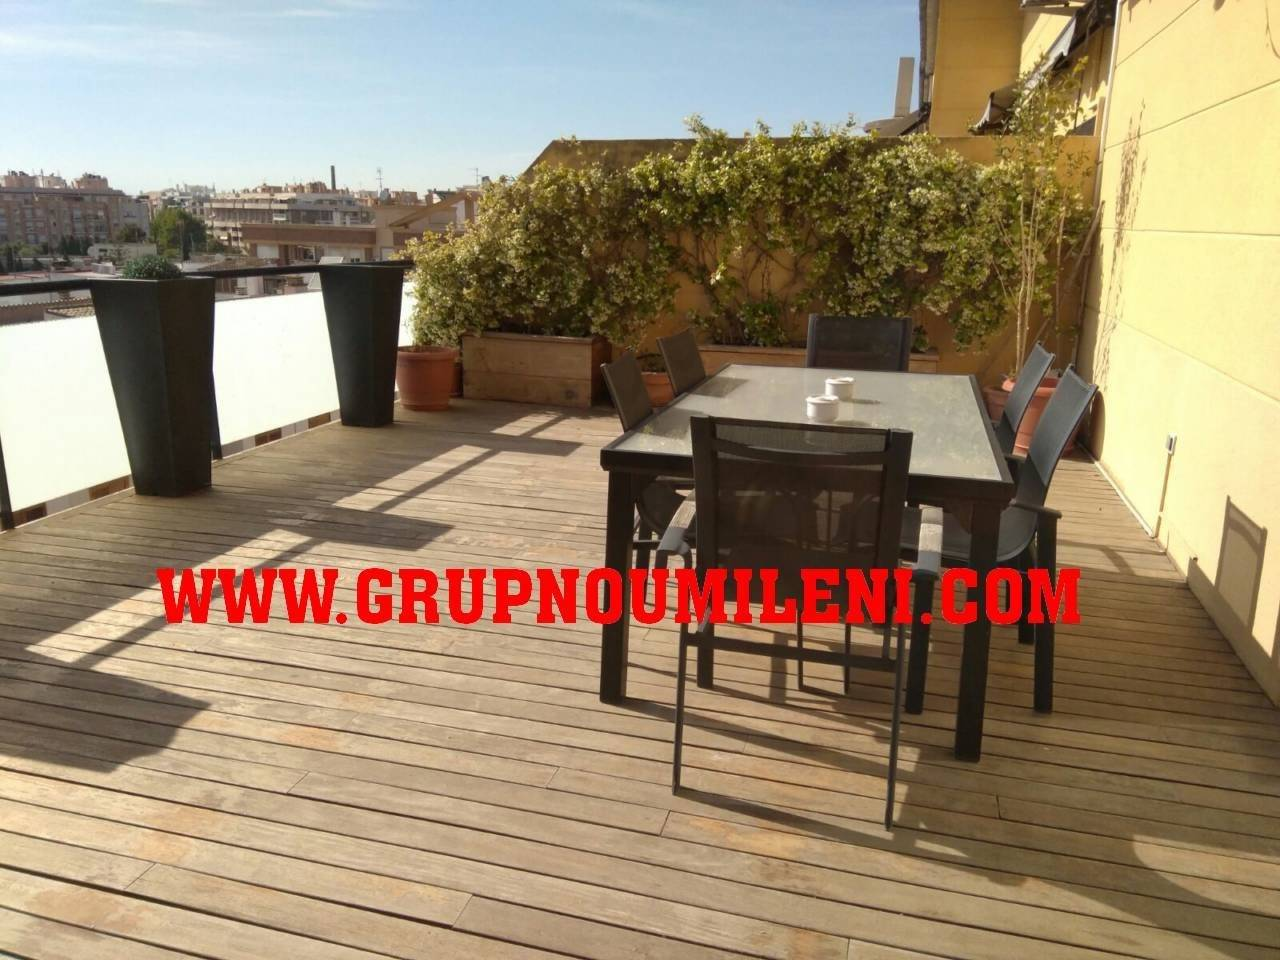 Lloguer Pis  Horteta. Superf. 120 m²,  3 habitaciones (3 dobles),  2 baños, cocina (eq